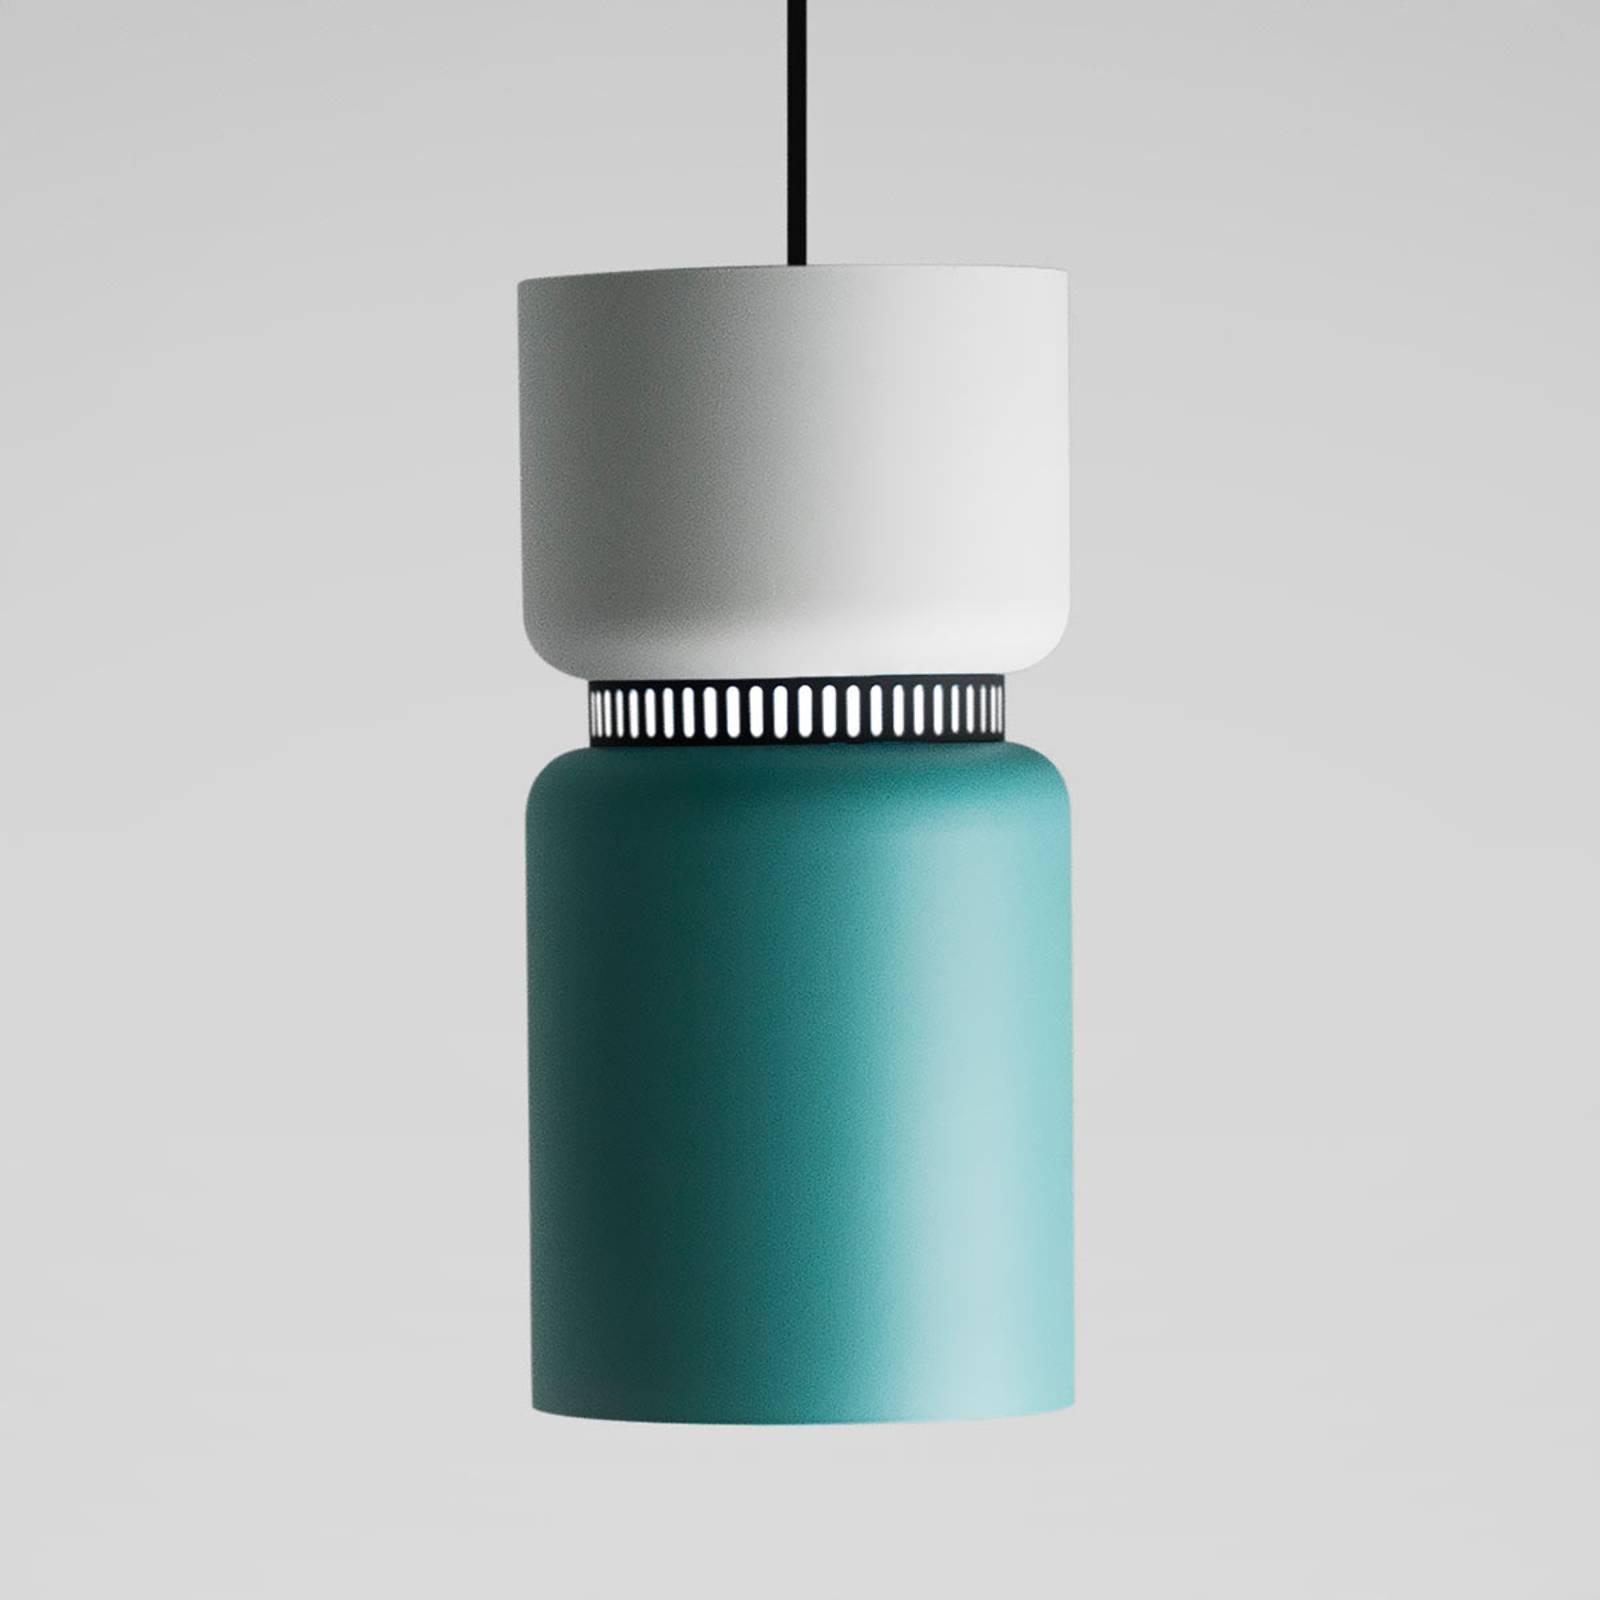 LED-Hängeleuchte Aspen S weiß-türkis 17cm kurz